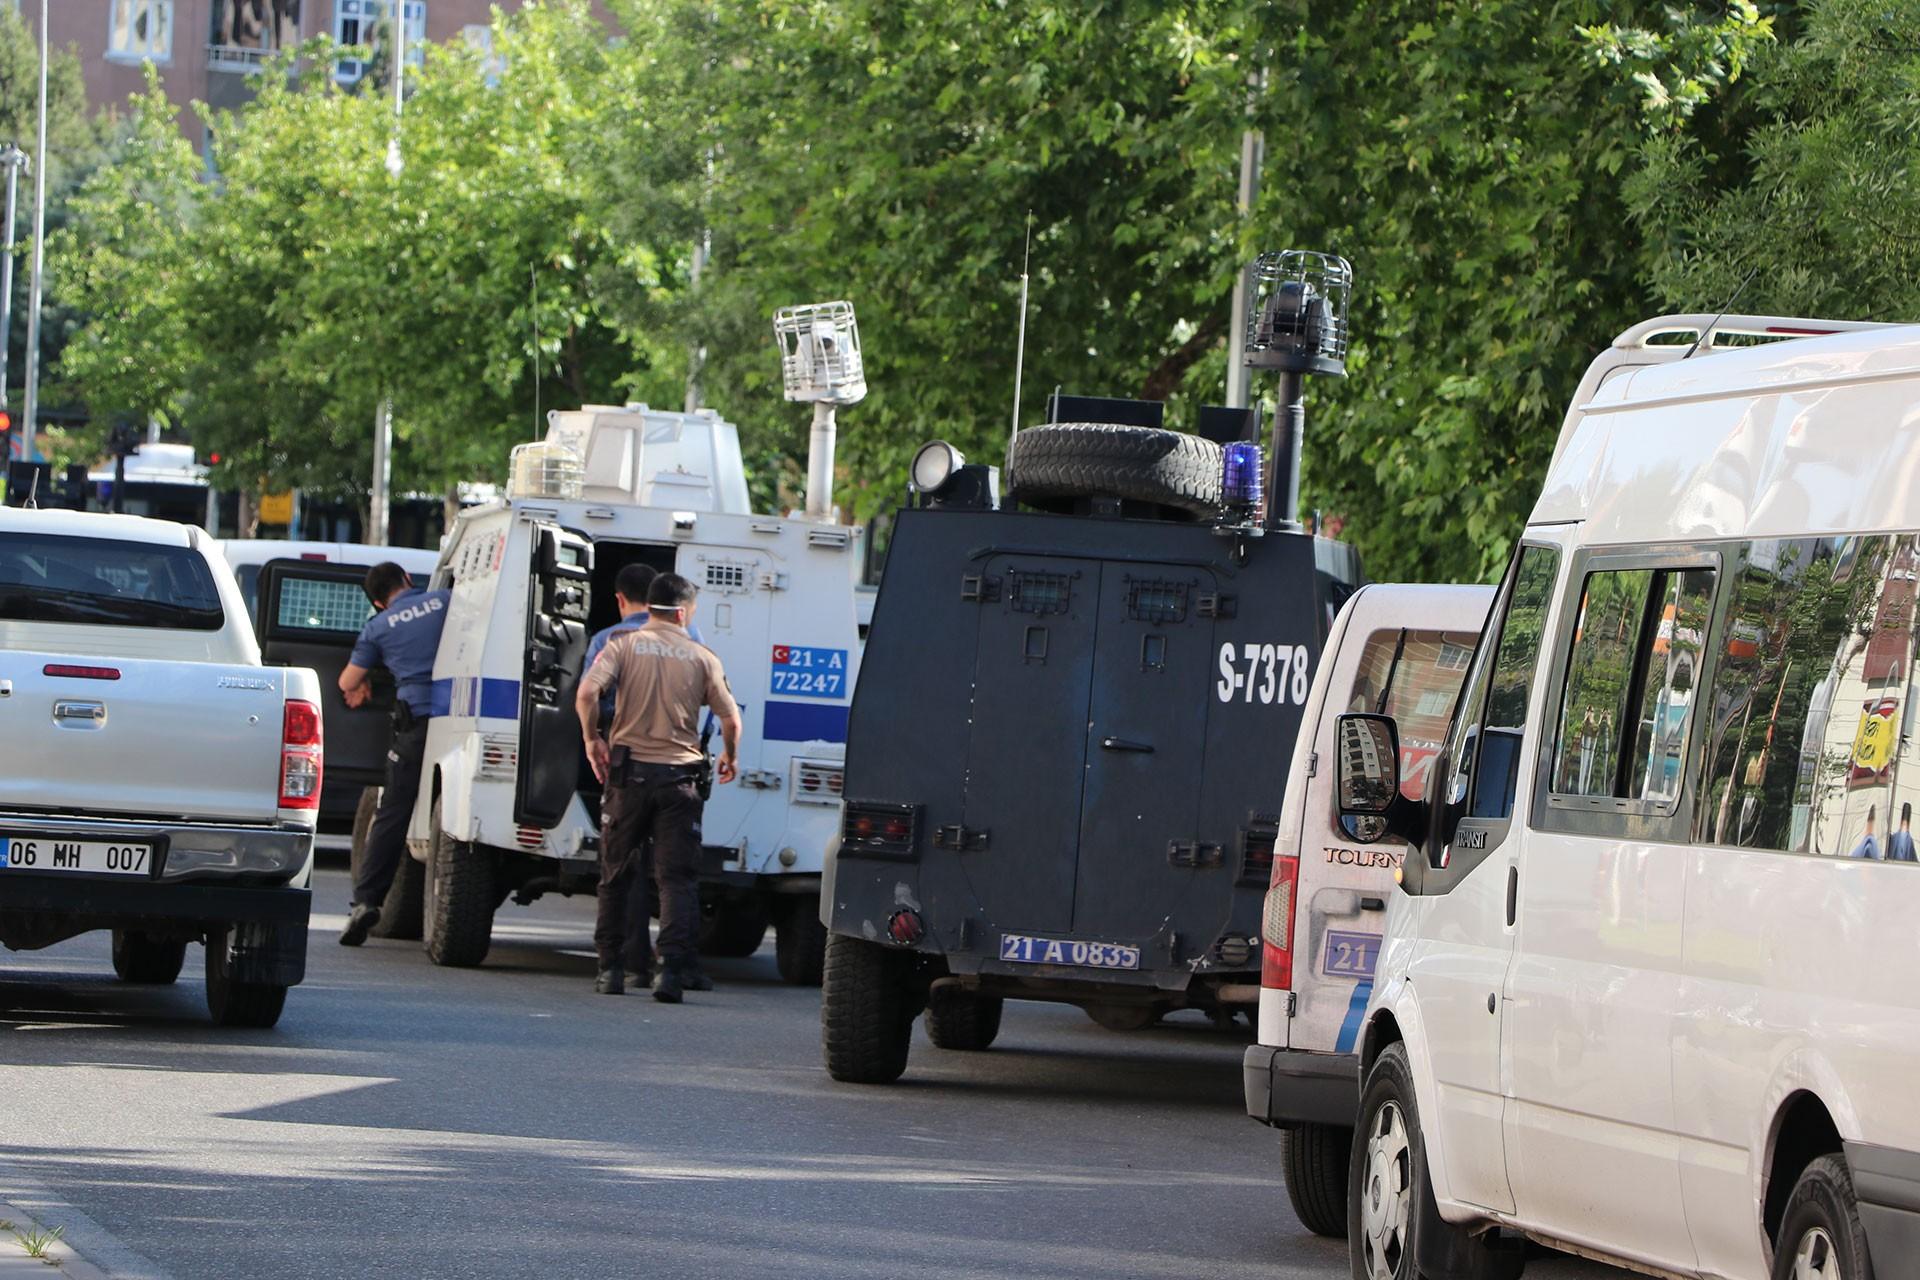 Özel harekat polislerinin operasyon yaptığı yer, sağda akrep tipi askeri araç